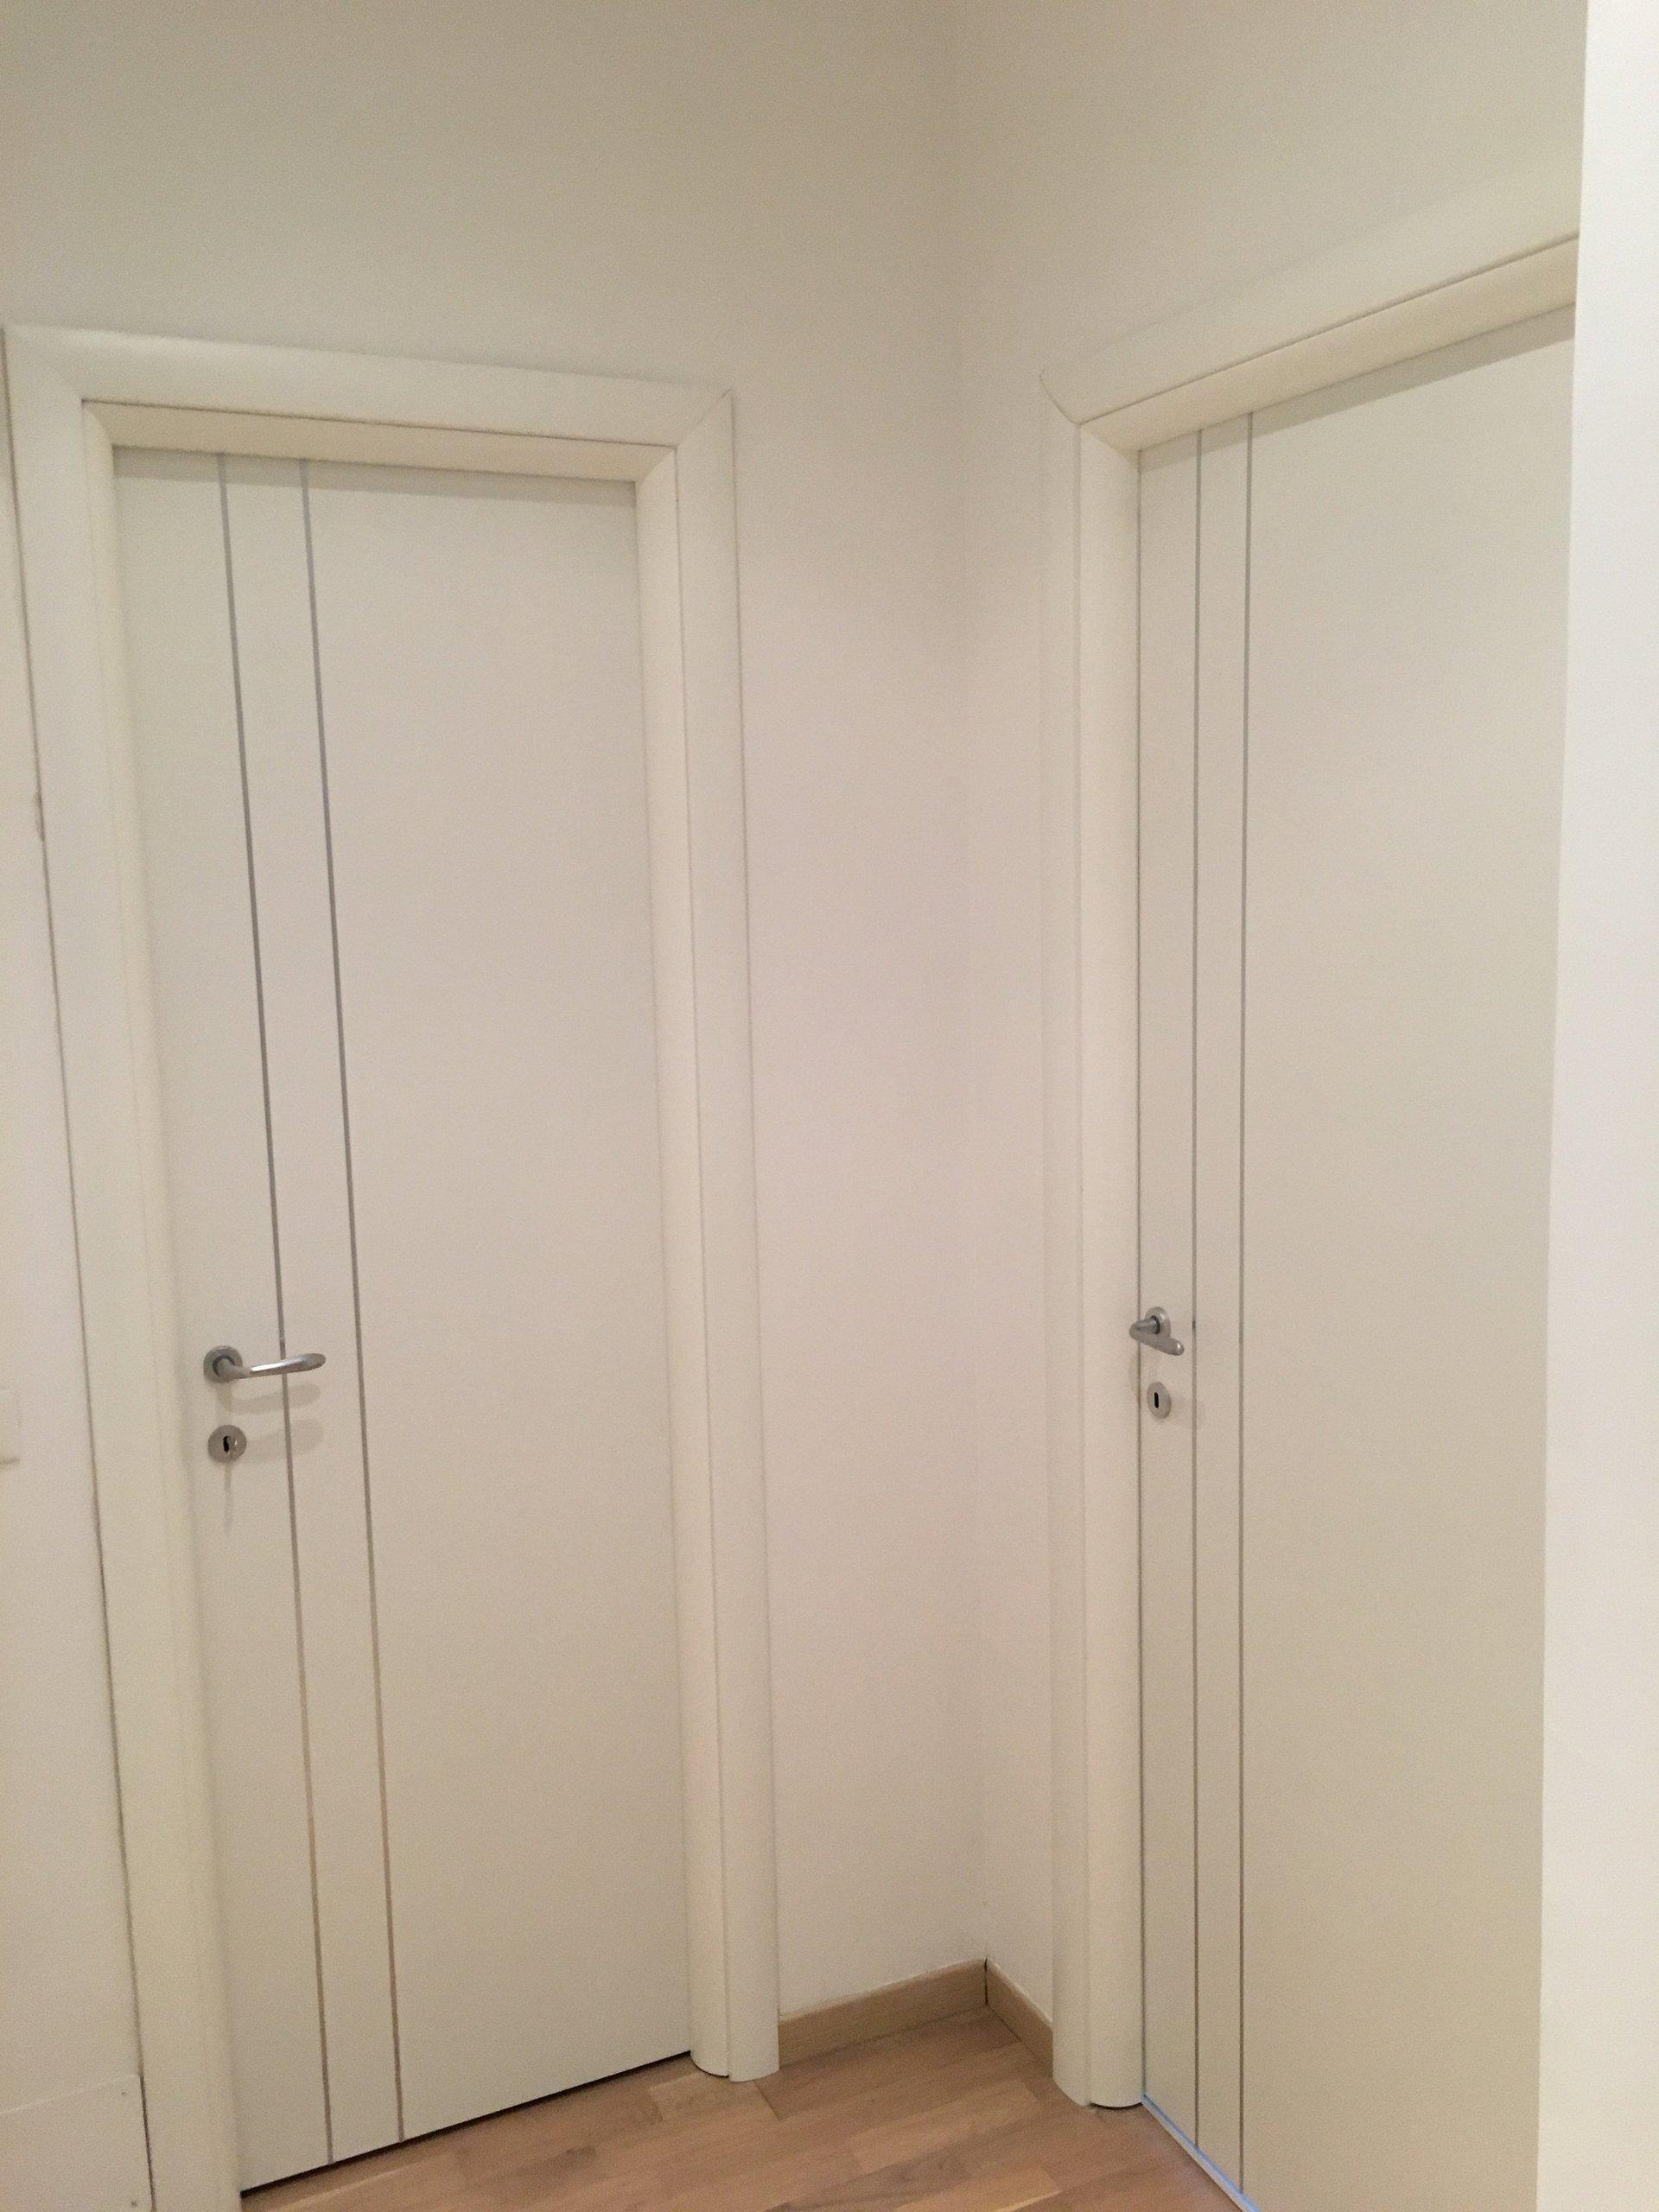 due porte bianche con linee verticali